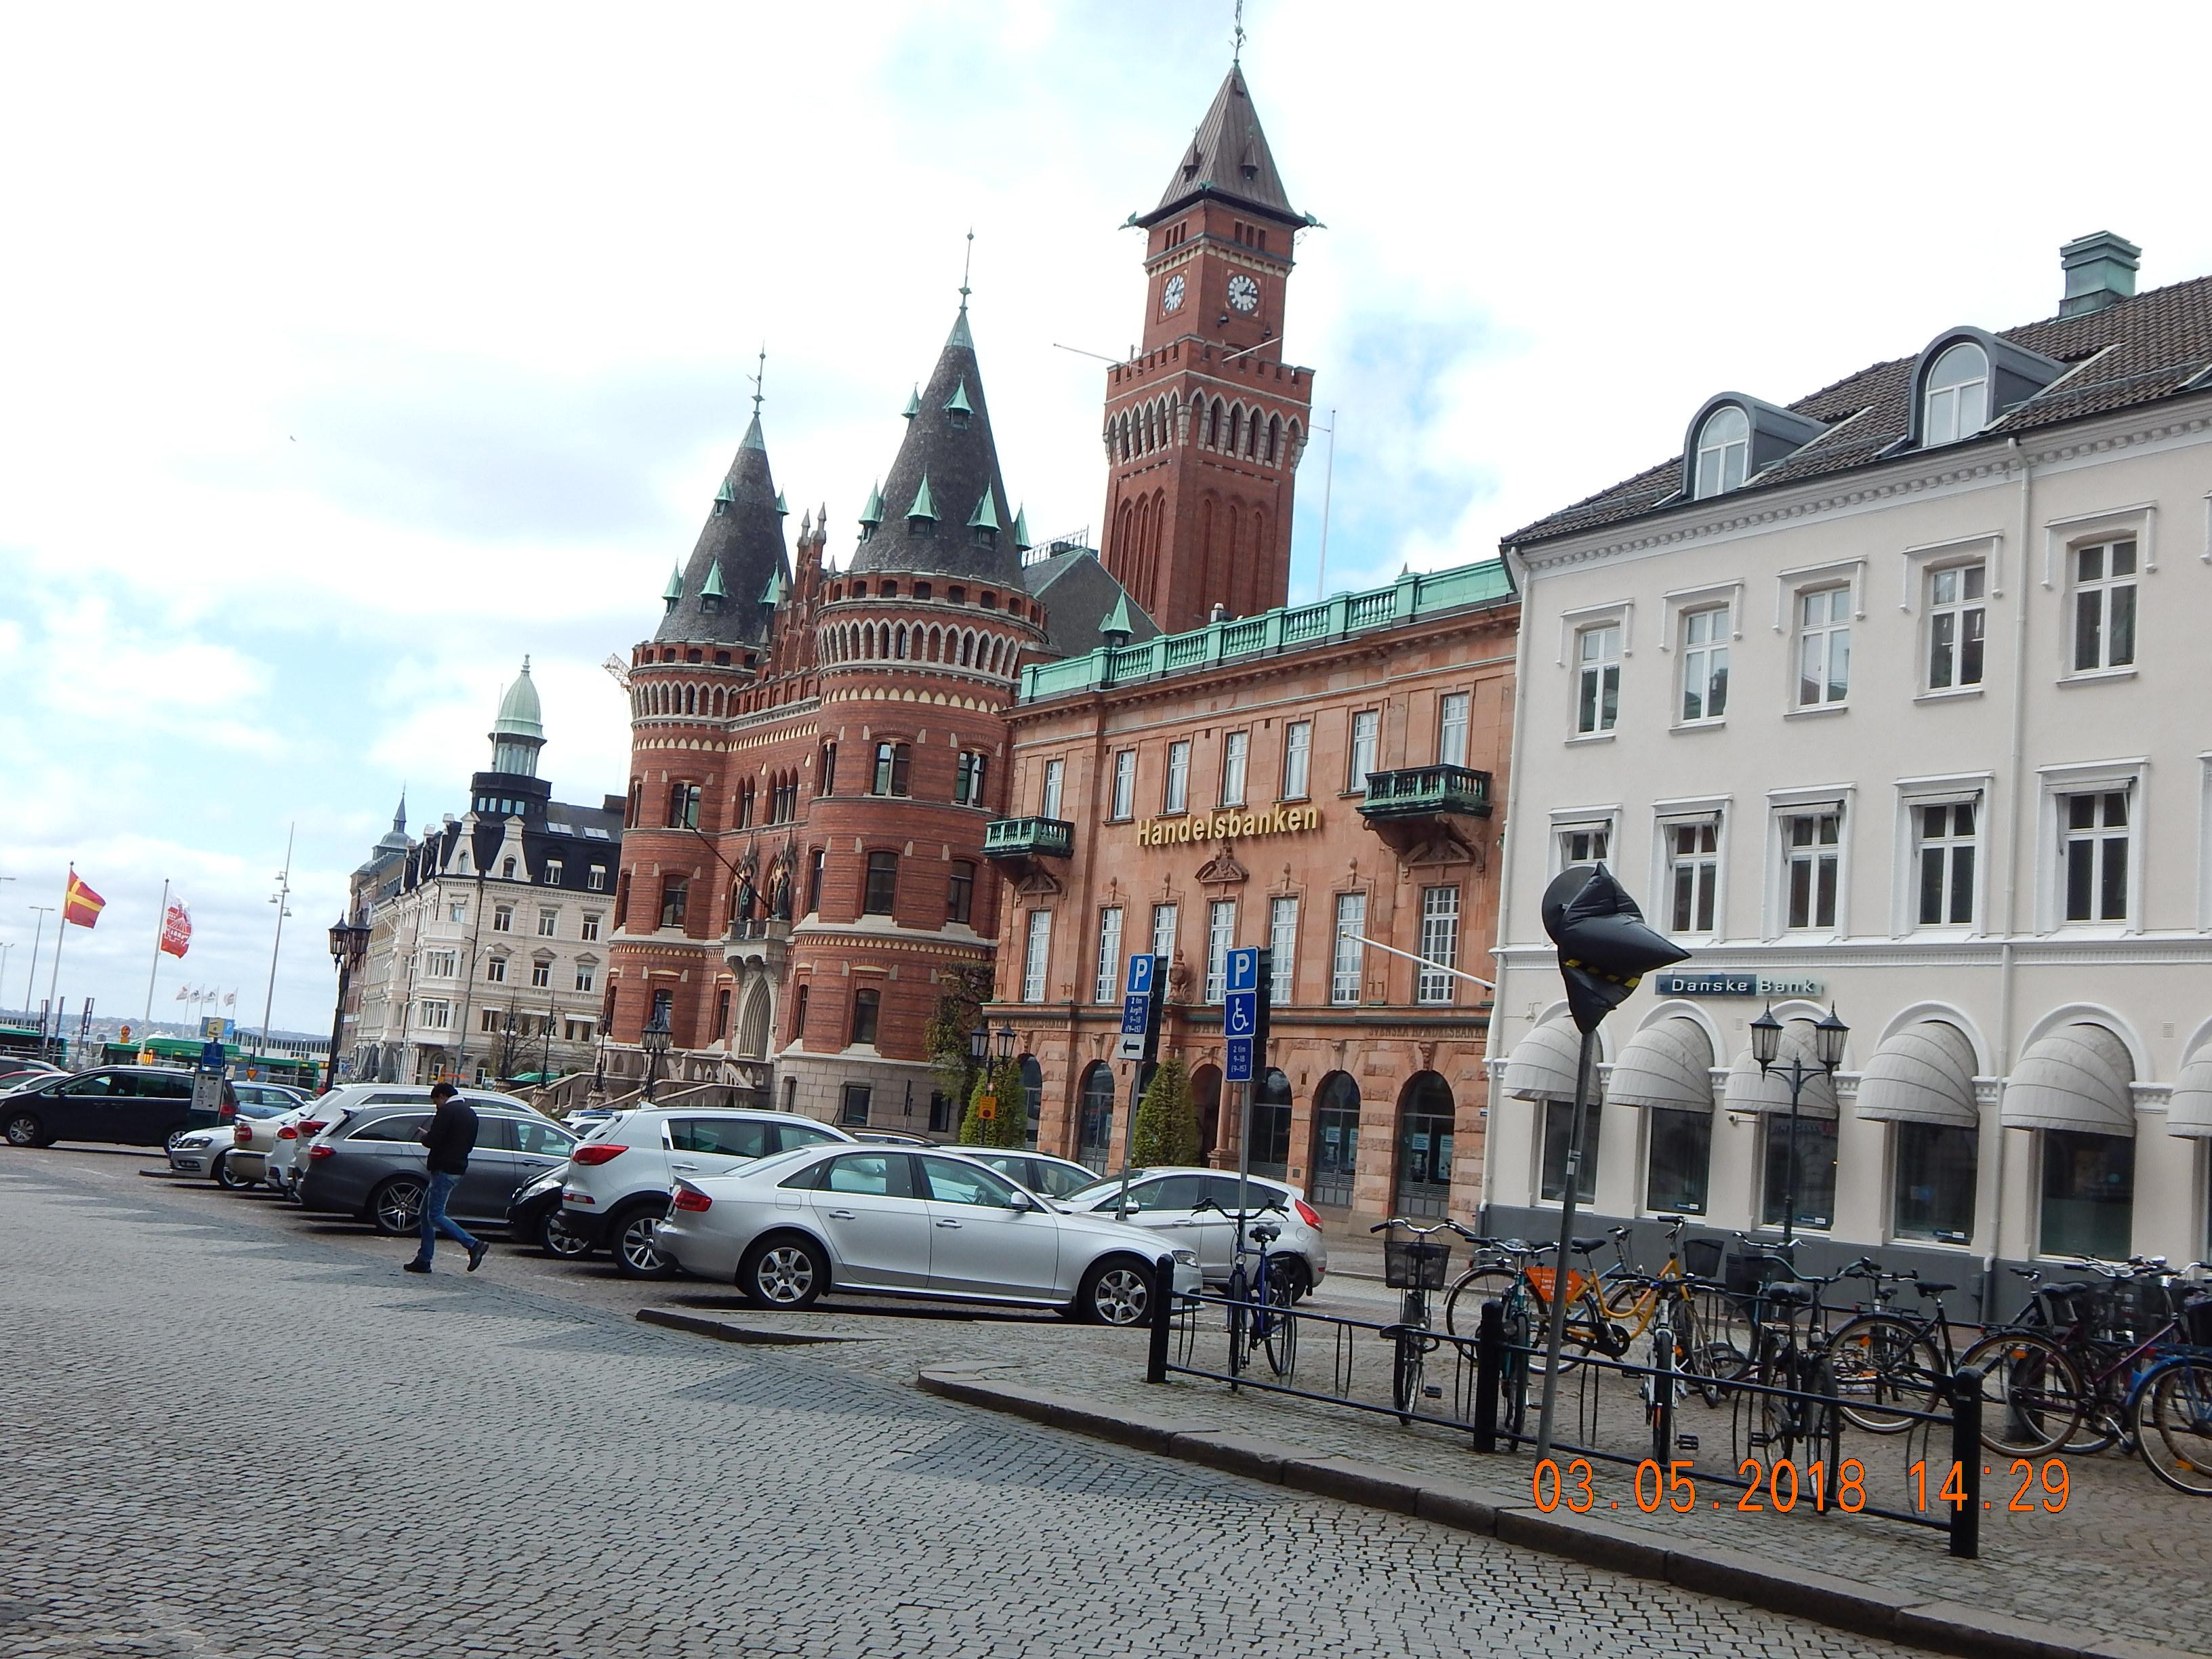 Романтическое путешествие в Скандинавию. - Страница 2 Dscn4321